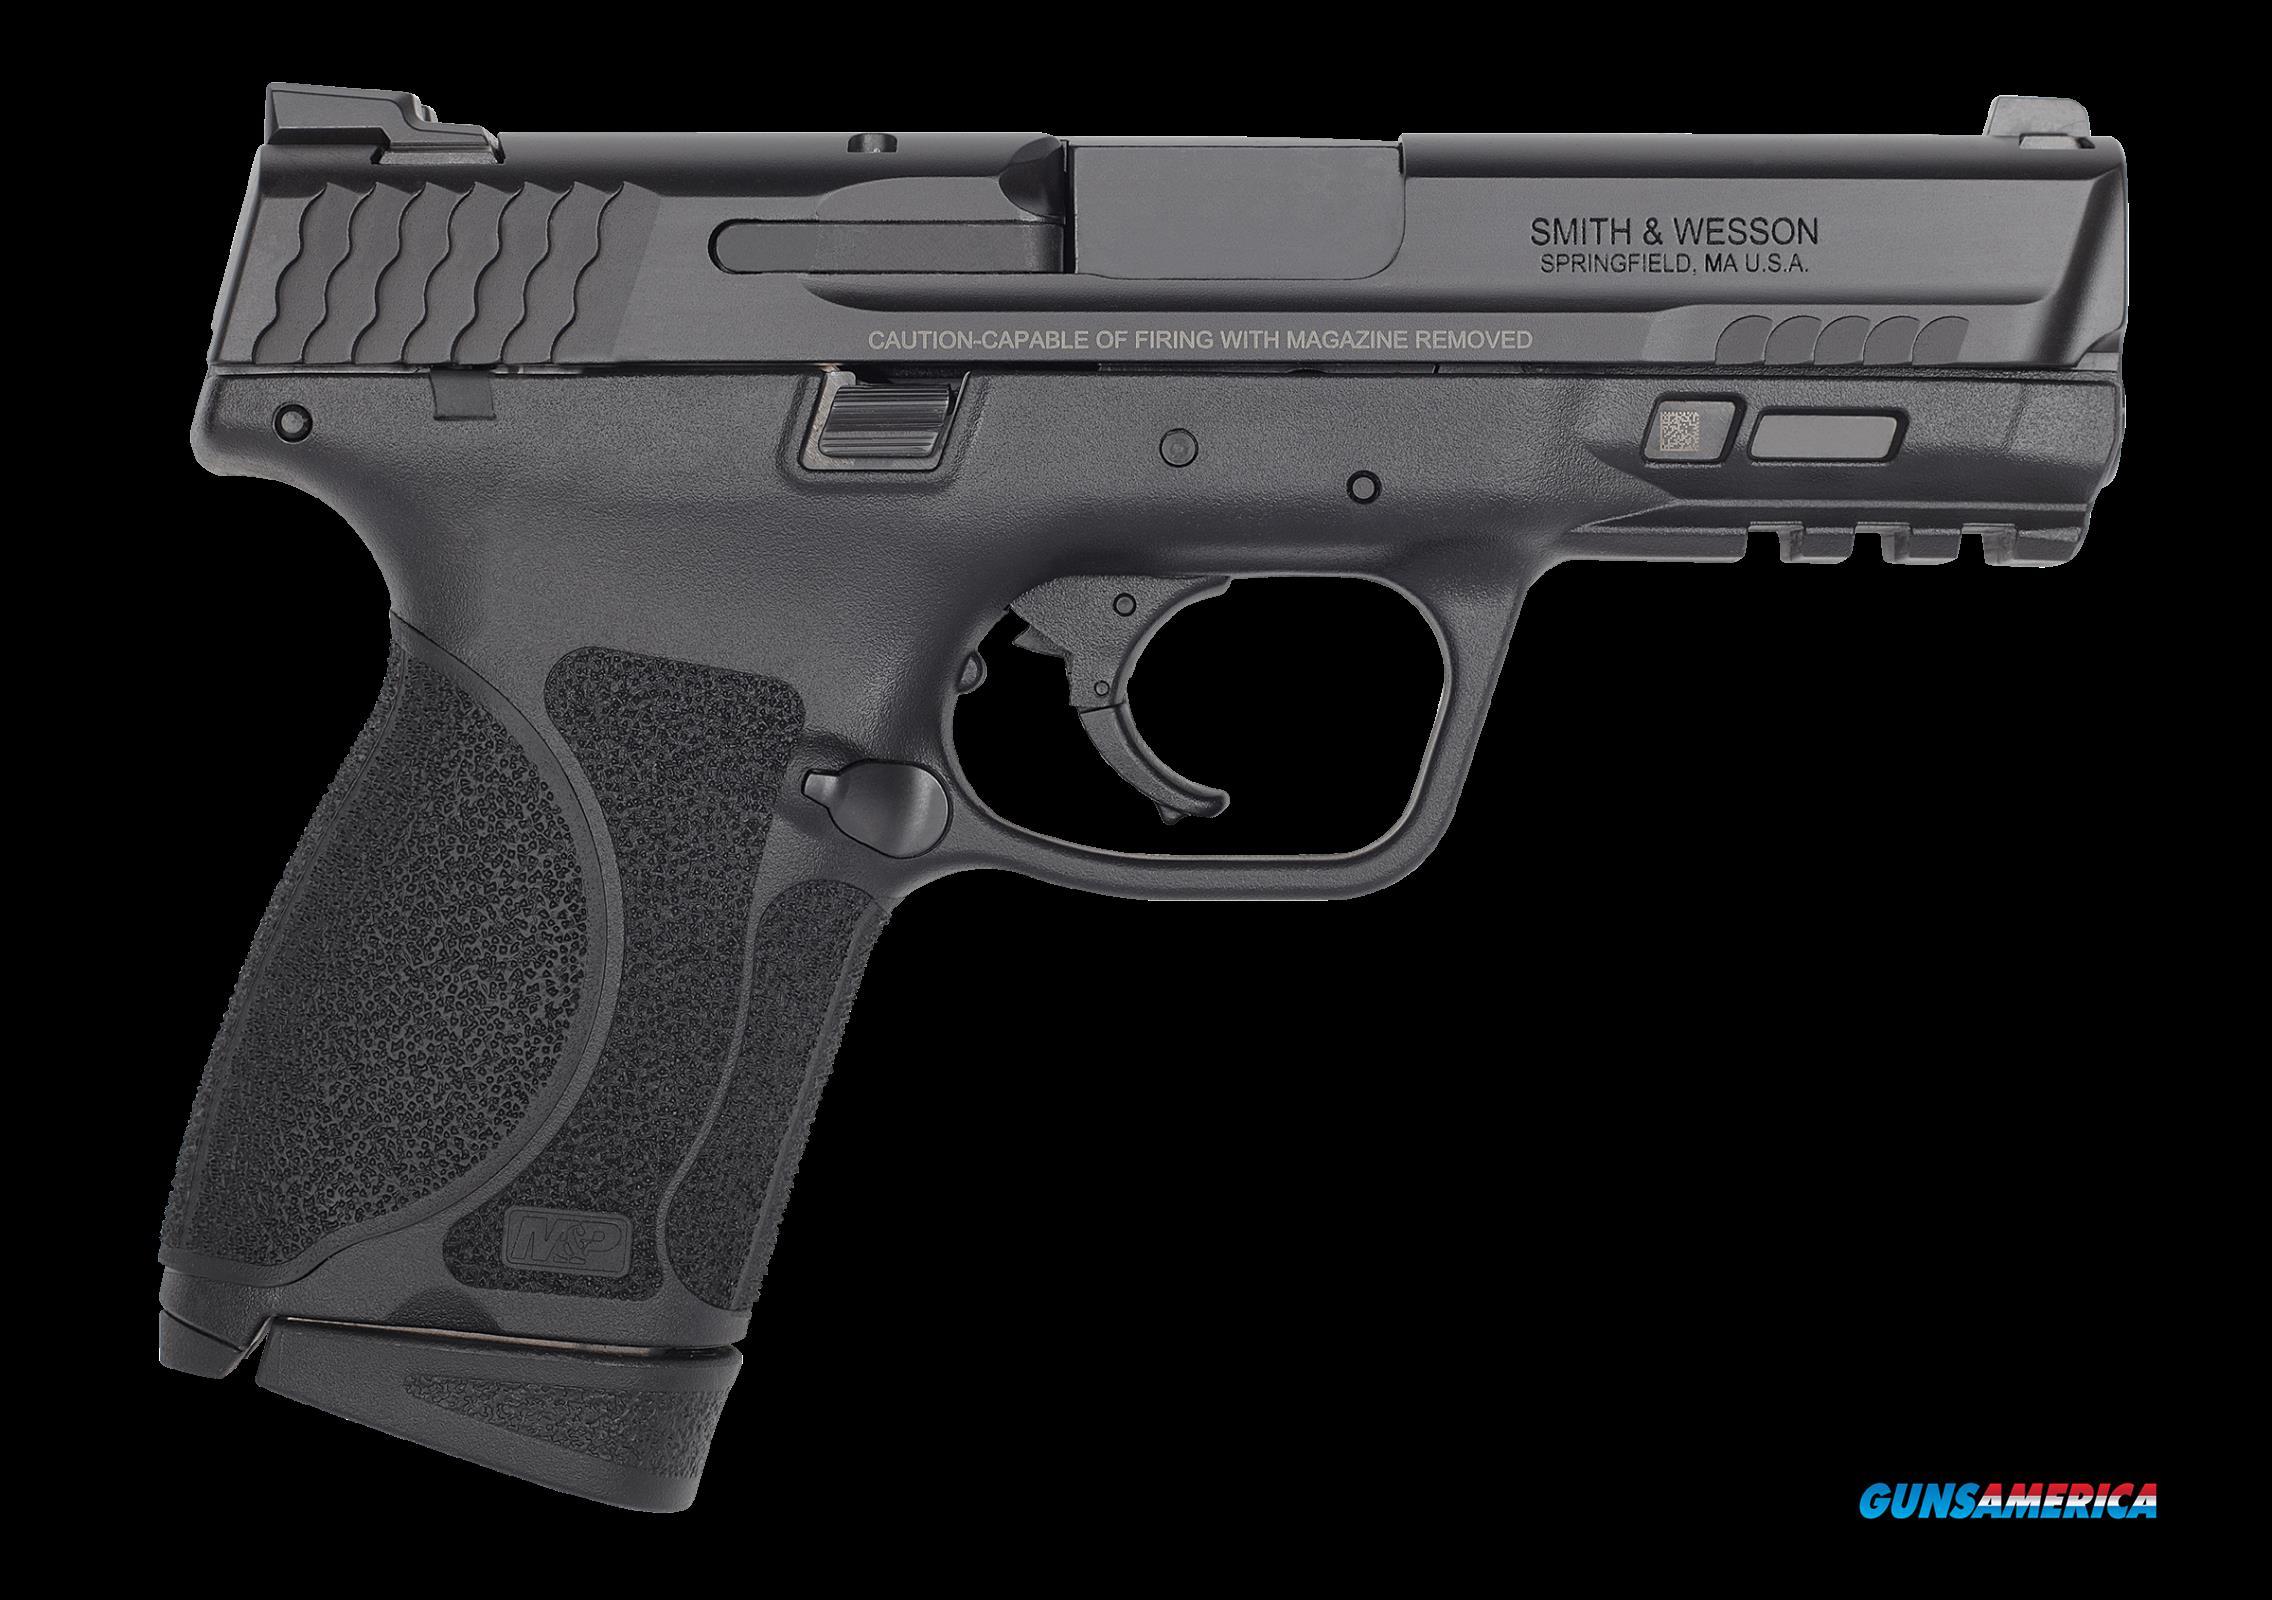 Smith & Wesson M&p 9, S&w M&p45c    12104       45 4in  2.0 Nts       8r  Guns > Pistols > 1911 Pistol Copies (non-Colt)